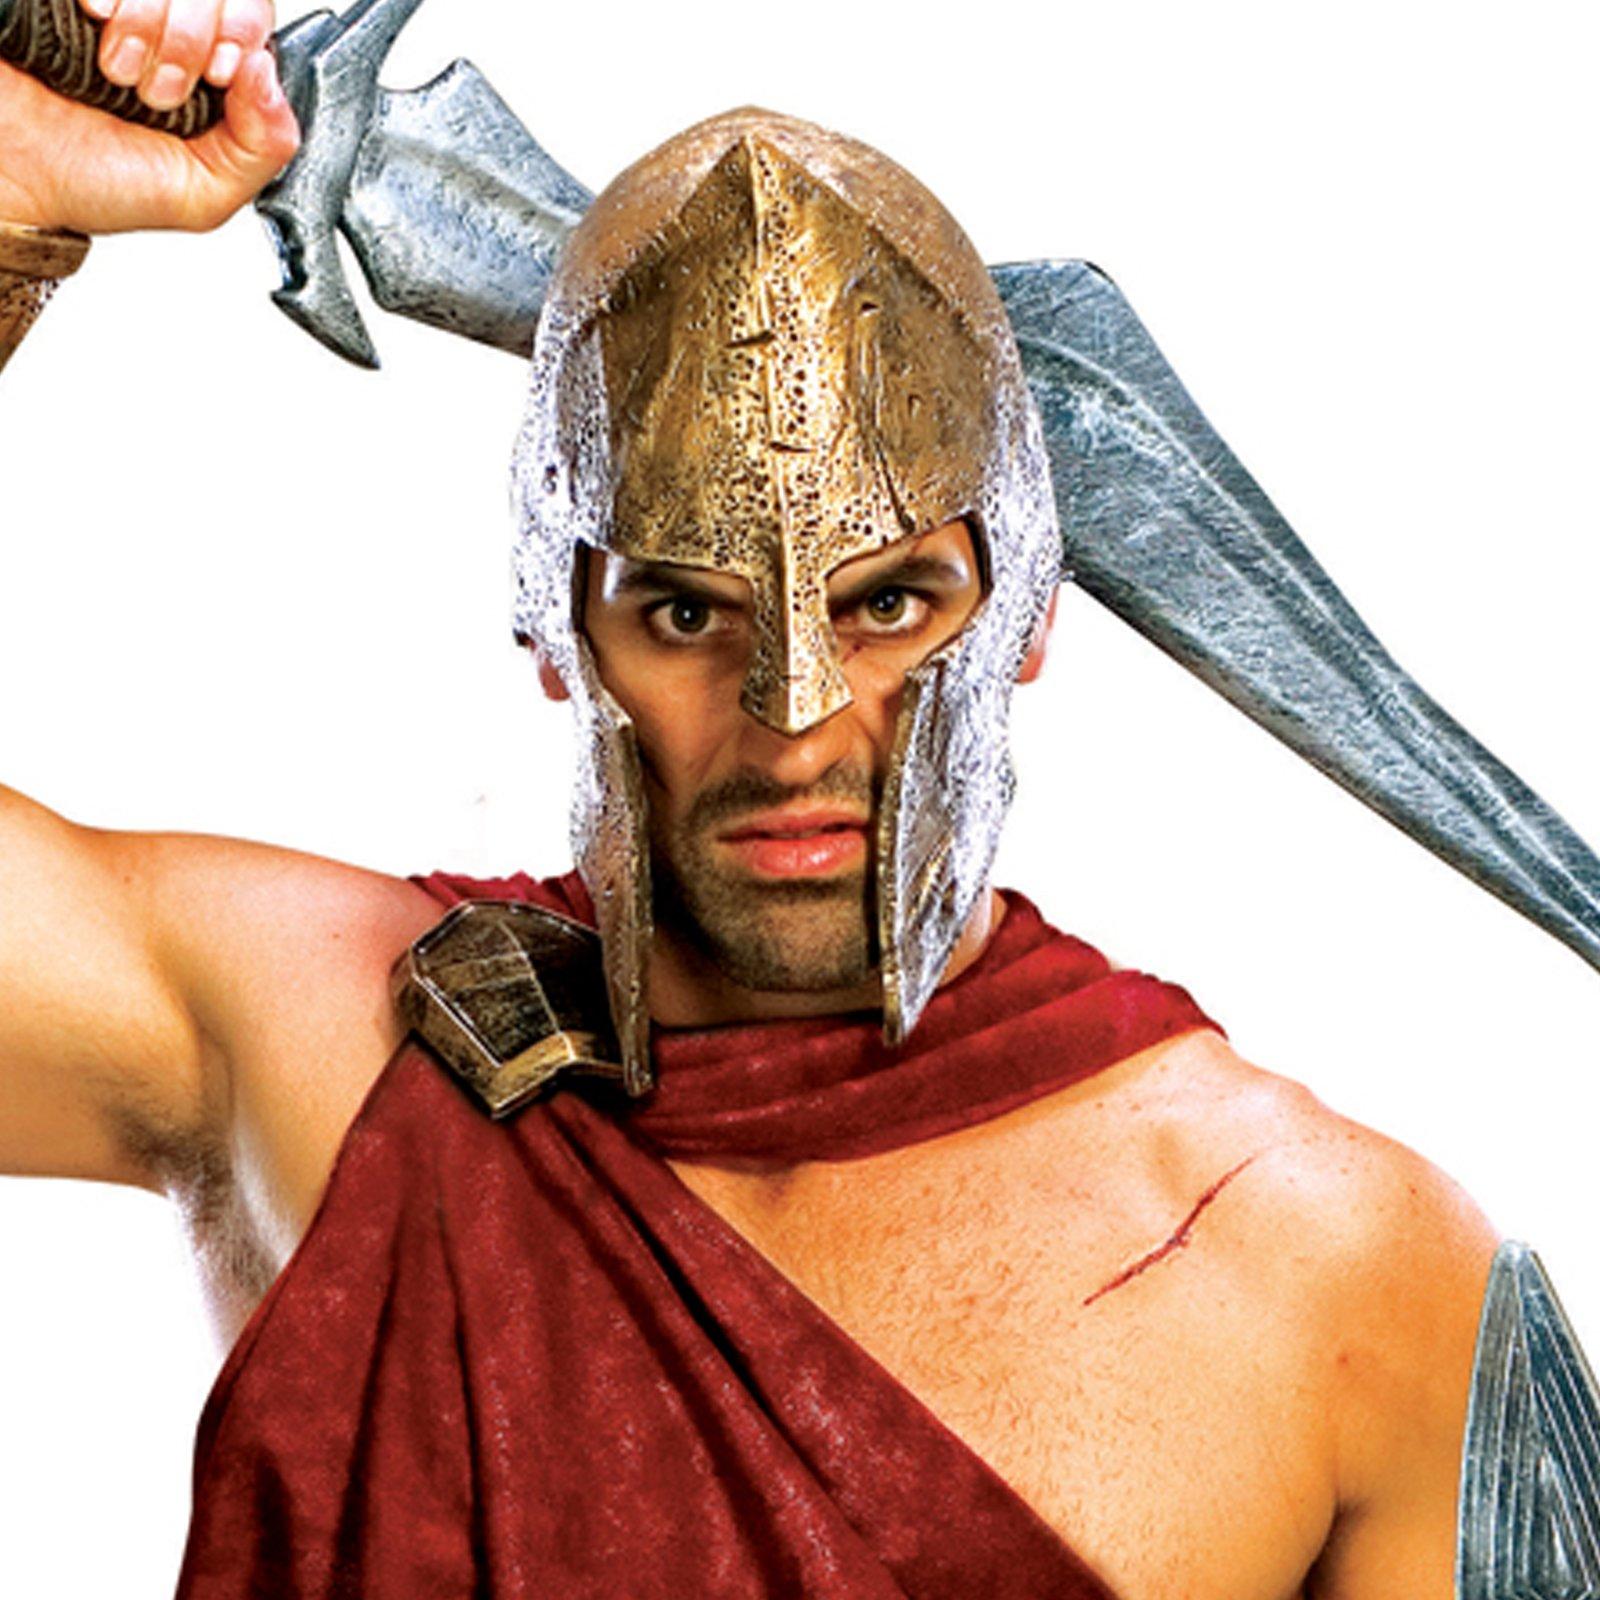 спартанец с мечом, фото, обои для рабочего стола